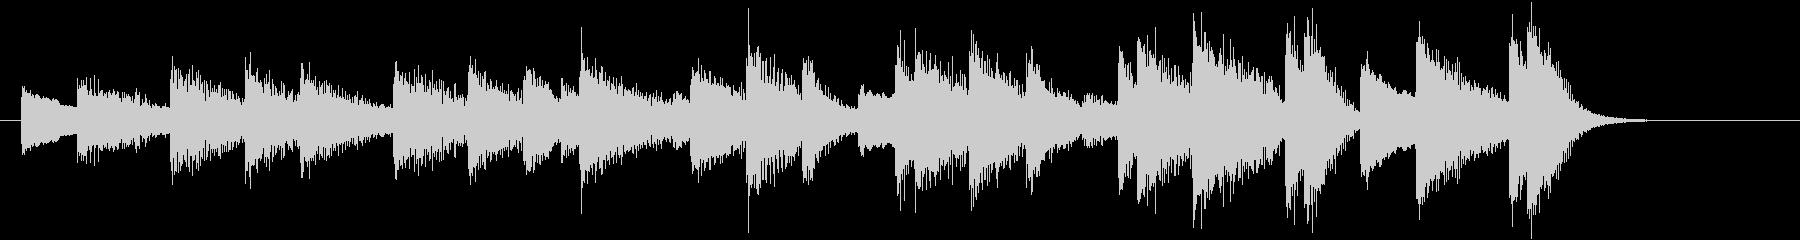 モミの木モチーフXmasピアノジングルBの未再生の波形